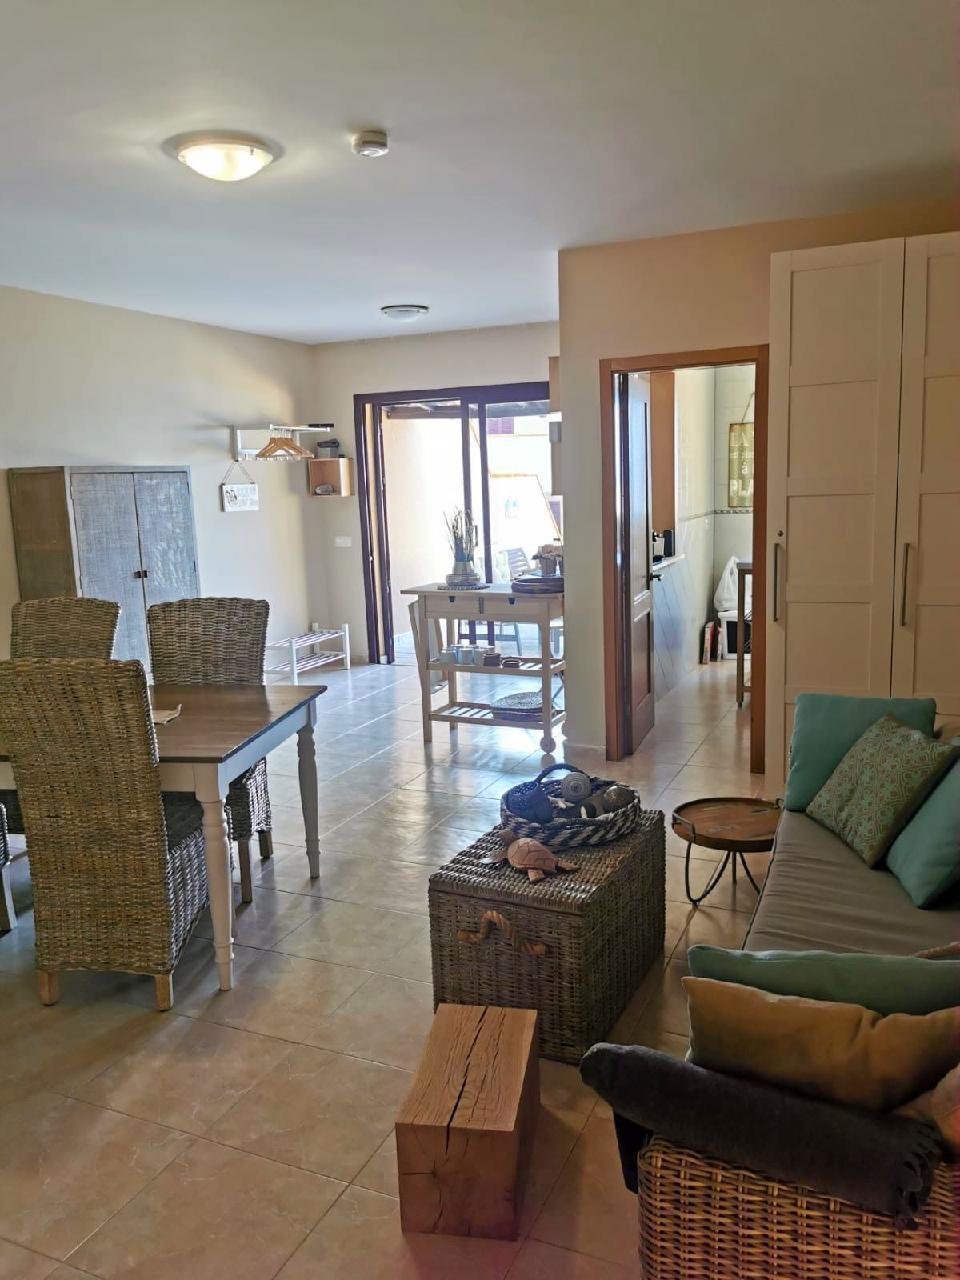 Ferienwohnung 114 m²  - 1A Meerblick  -  Strandnah  -  Familienfreundlich  -  Top Lage (2633968), Costa Calma, Fuerteventura, Kanarische Inseln, Spanien, Bild 6